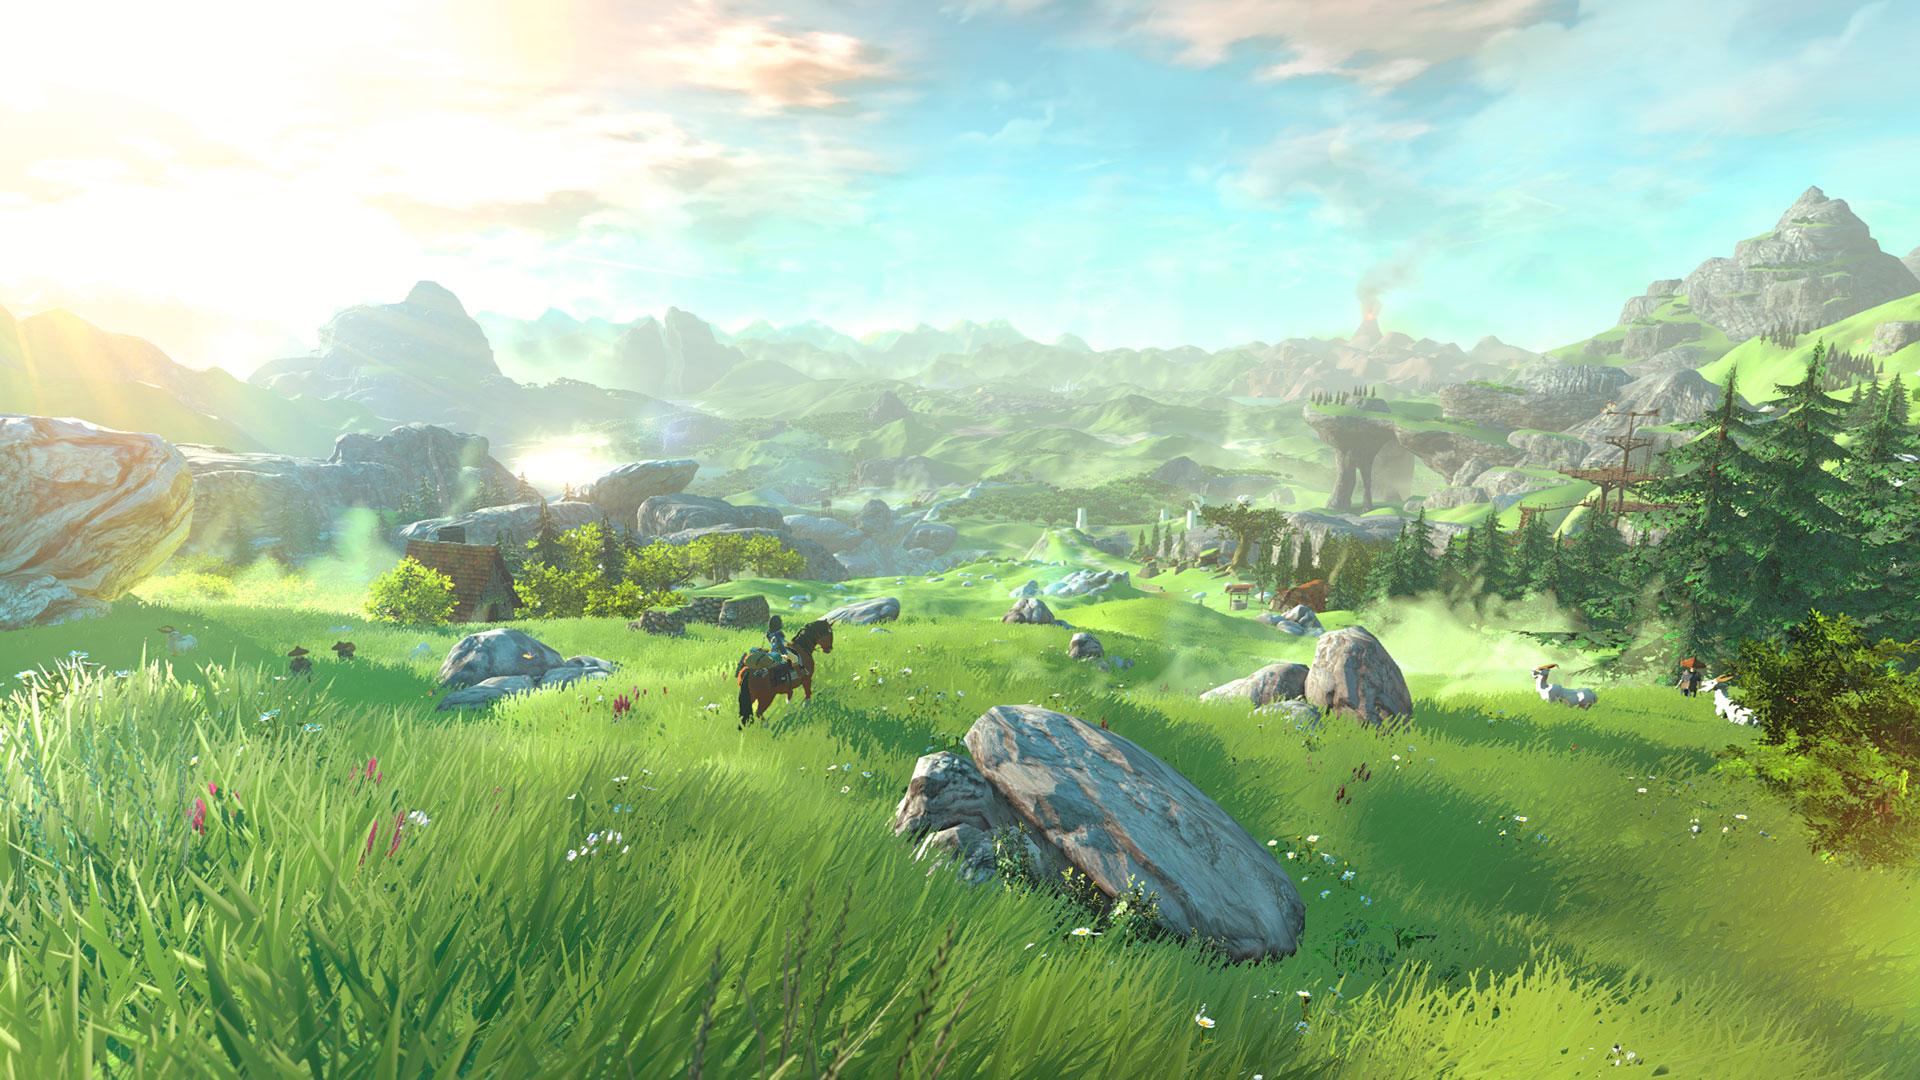 """Wurde zum """"besten Spiel des Jahres"""" und zum """"besten Adventure-Game"""" gekürt: """"The Legend of Zelda: Breath of the Wild""""."""